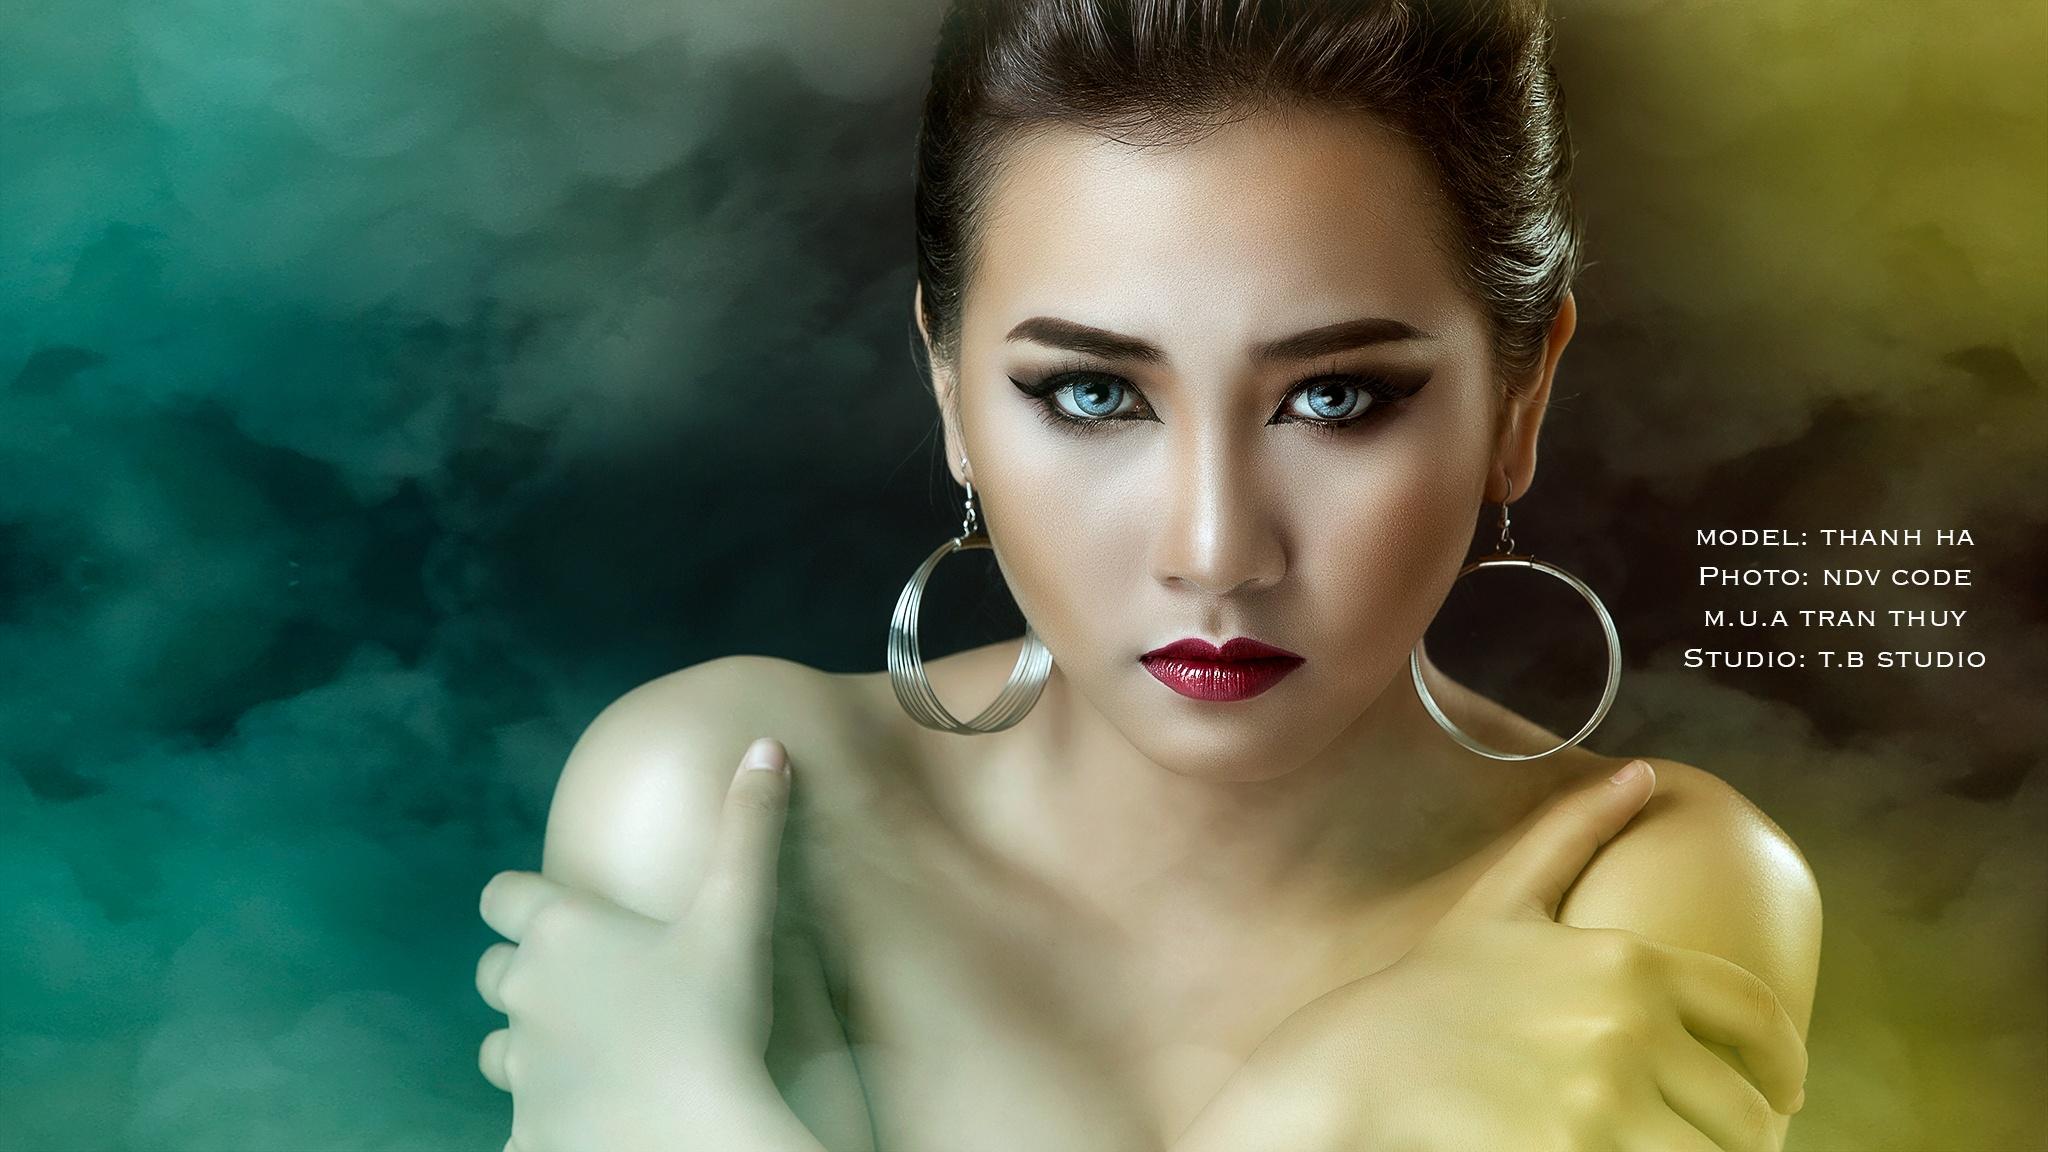 Portraits photoshoot by Vu Duc Ngo